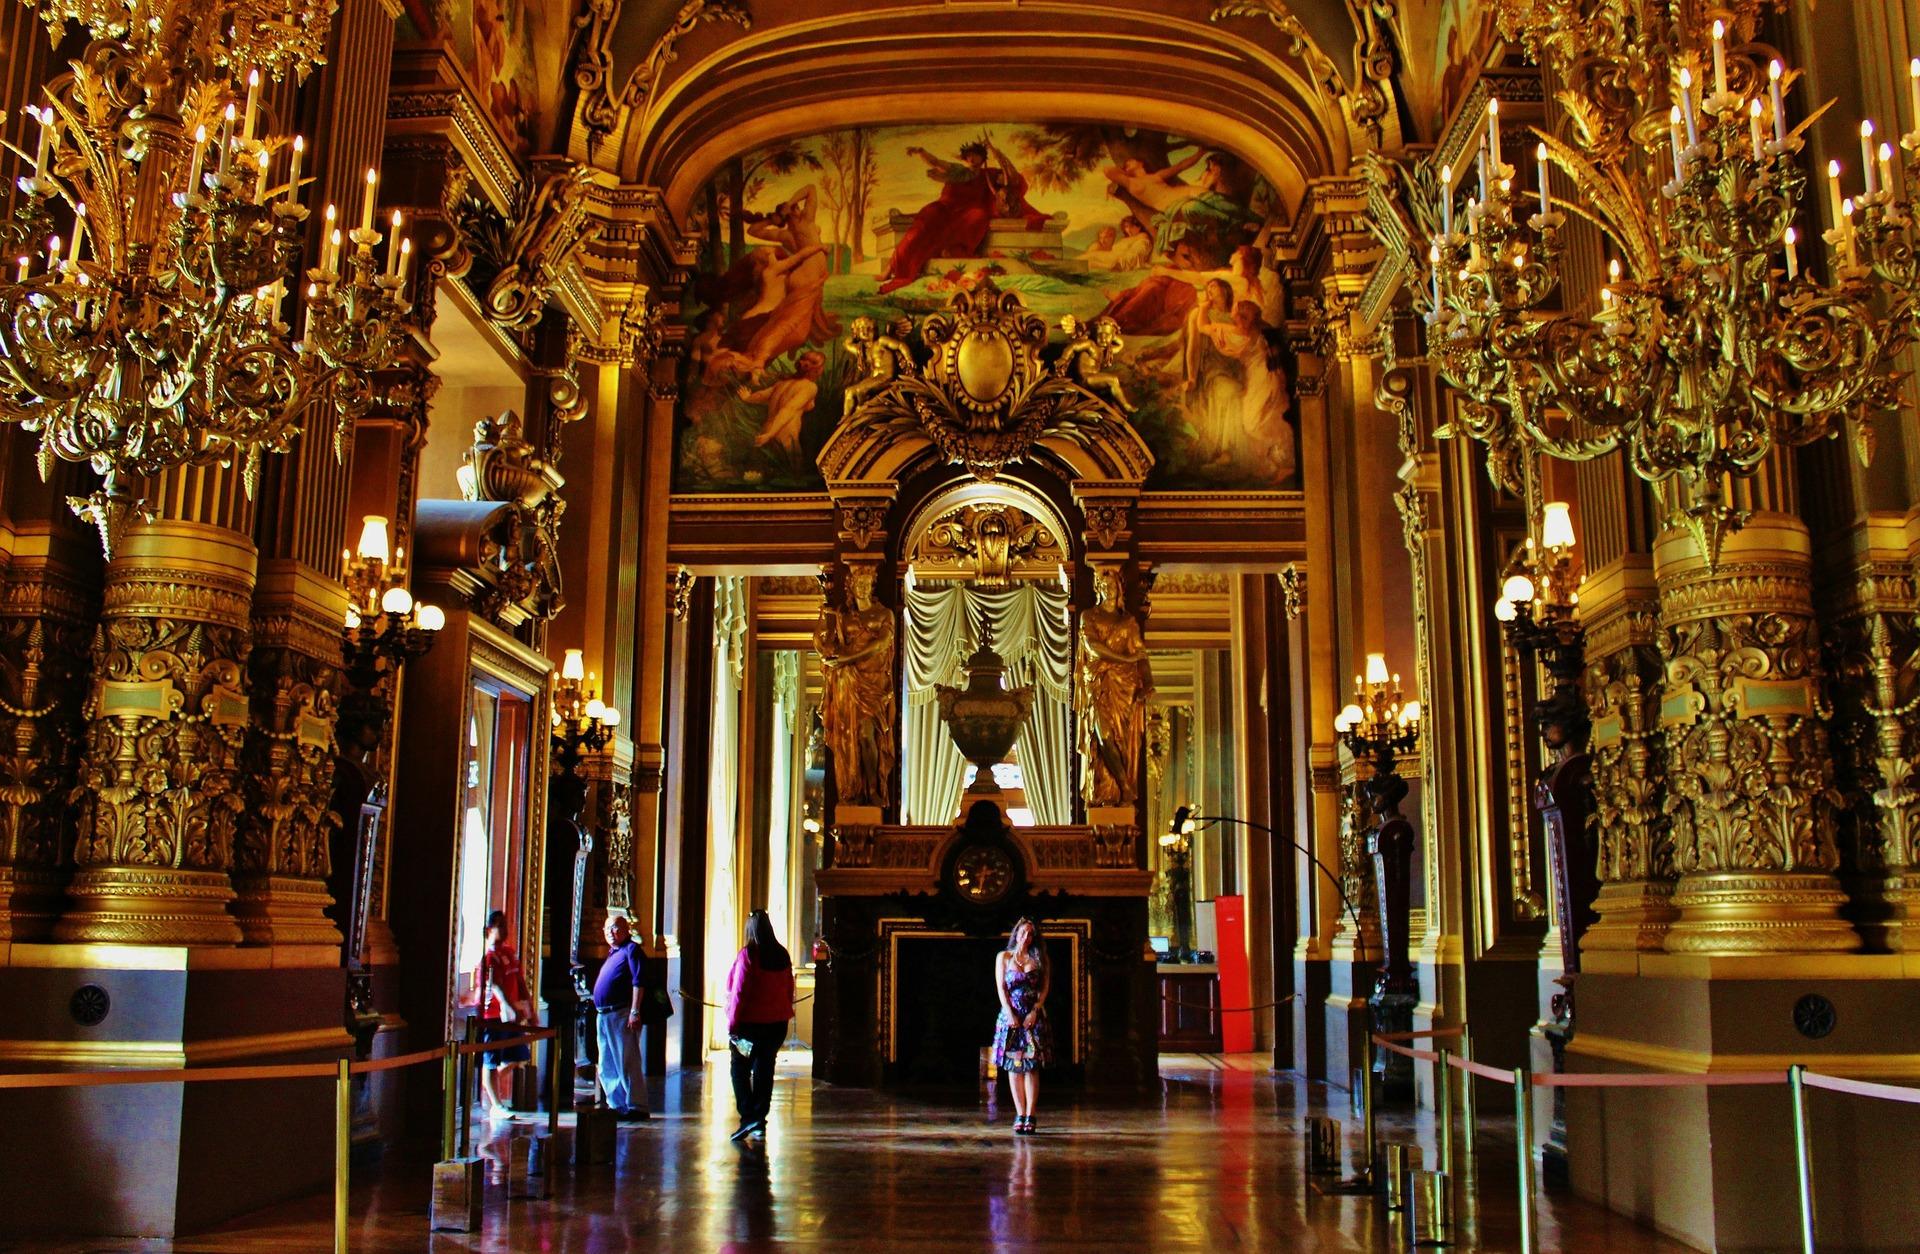 Interior of the Palais Garnier